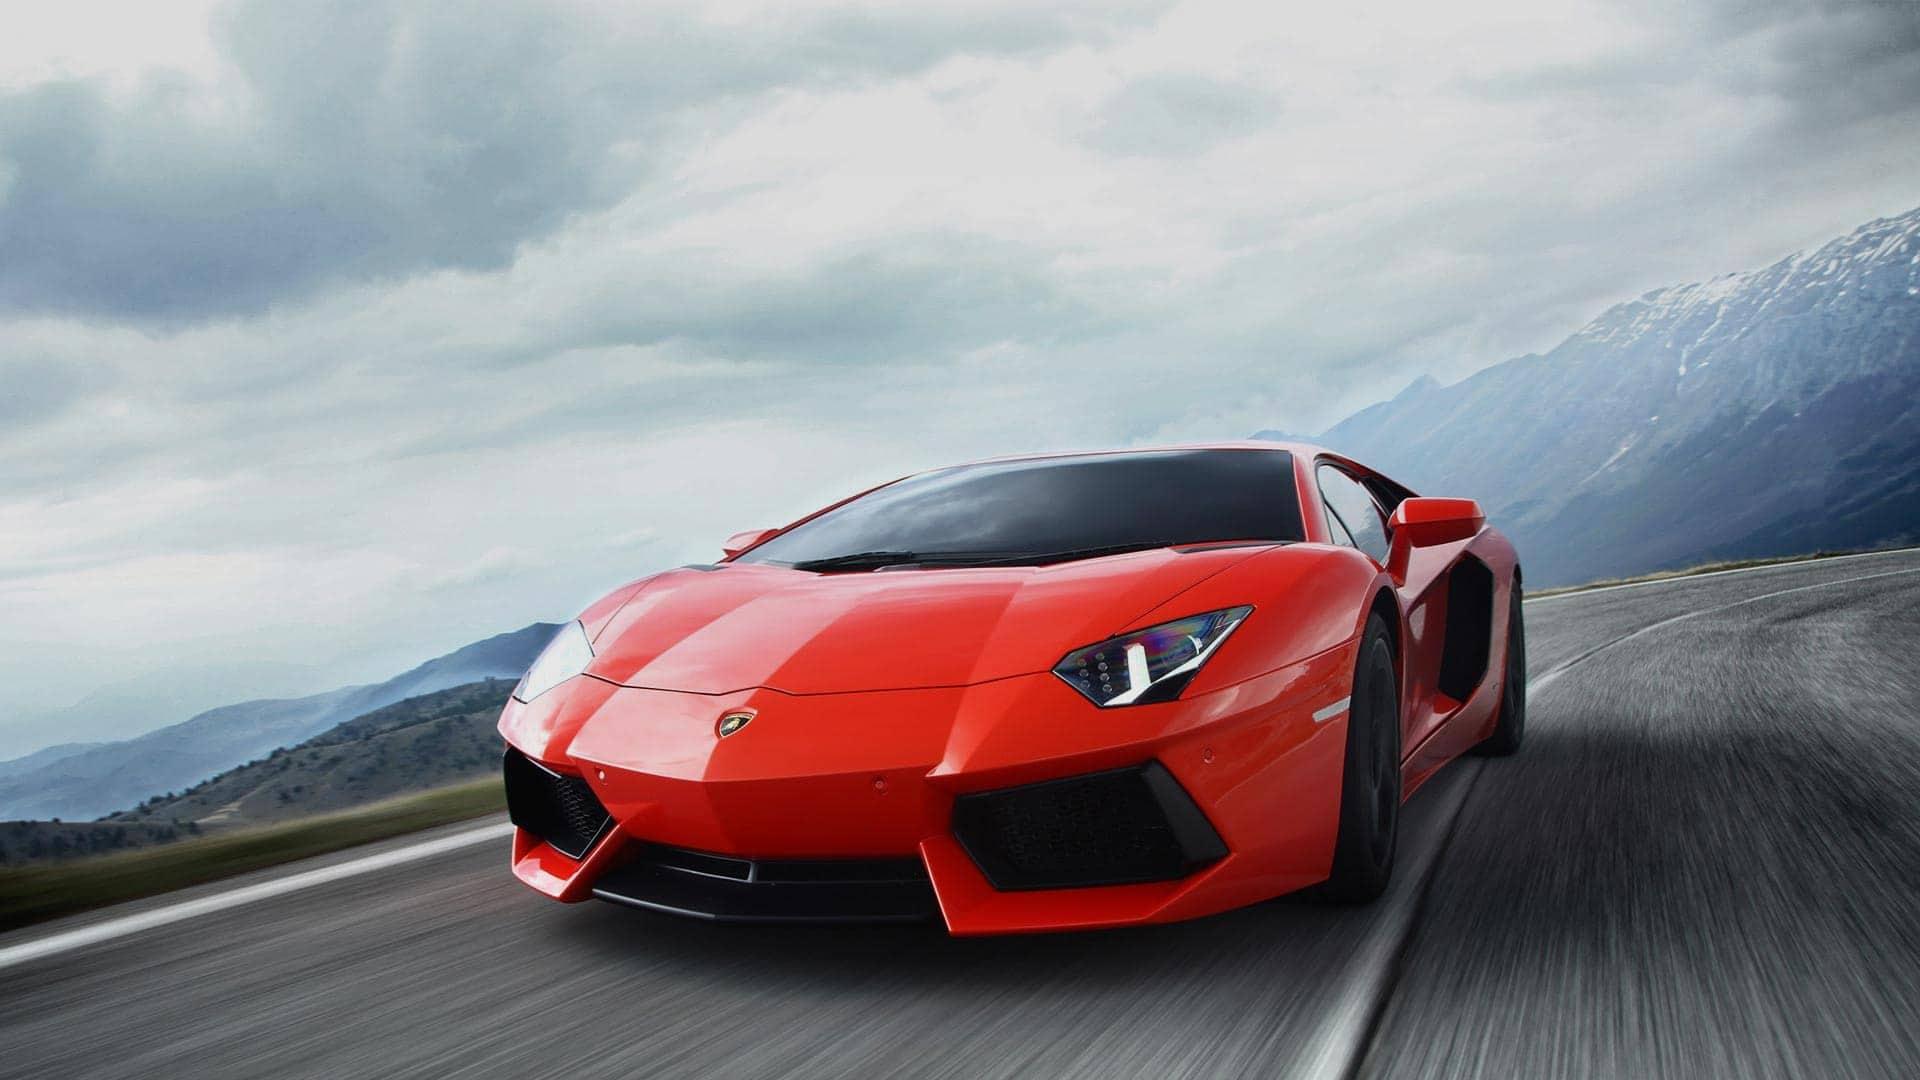 10 лучших и 10 худших автомобилей по мнению Кларксона